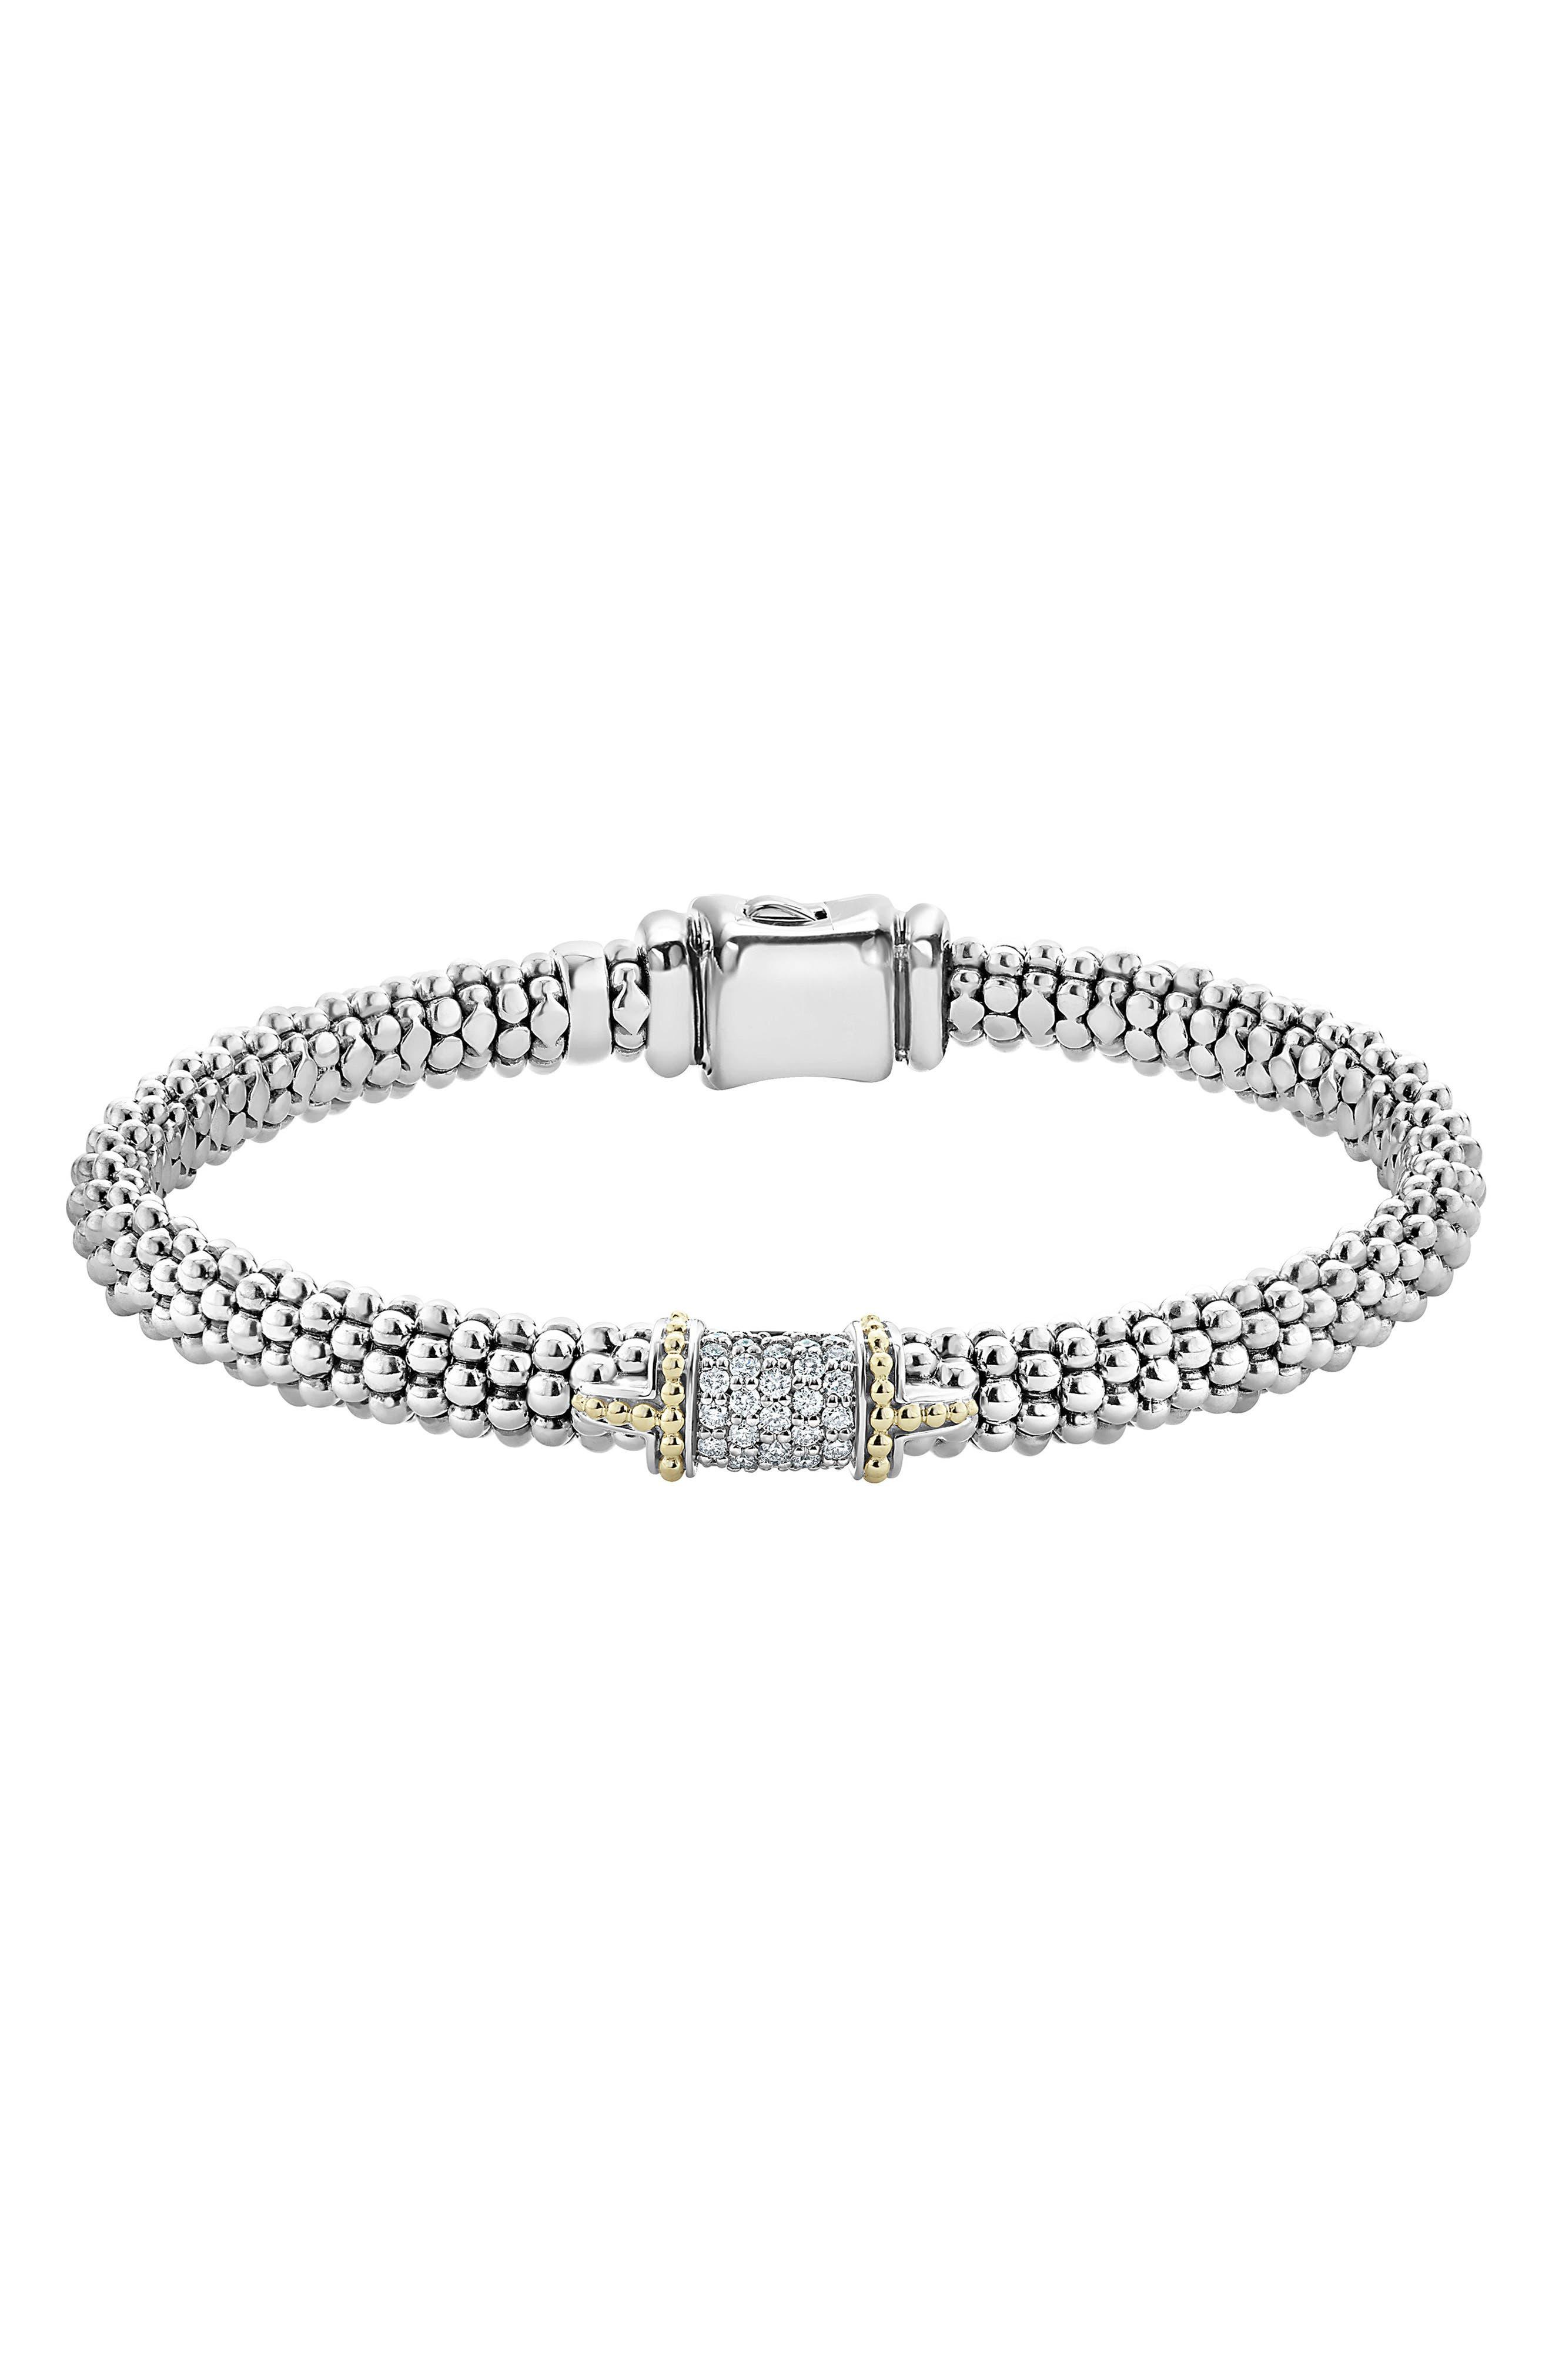 Main Image - LAGOS Diamond Caviar Bracelet